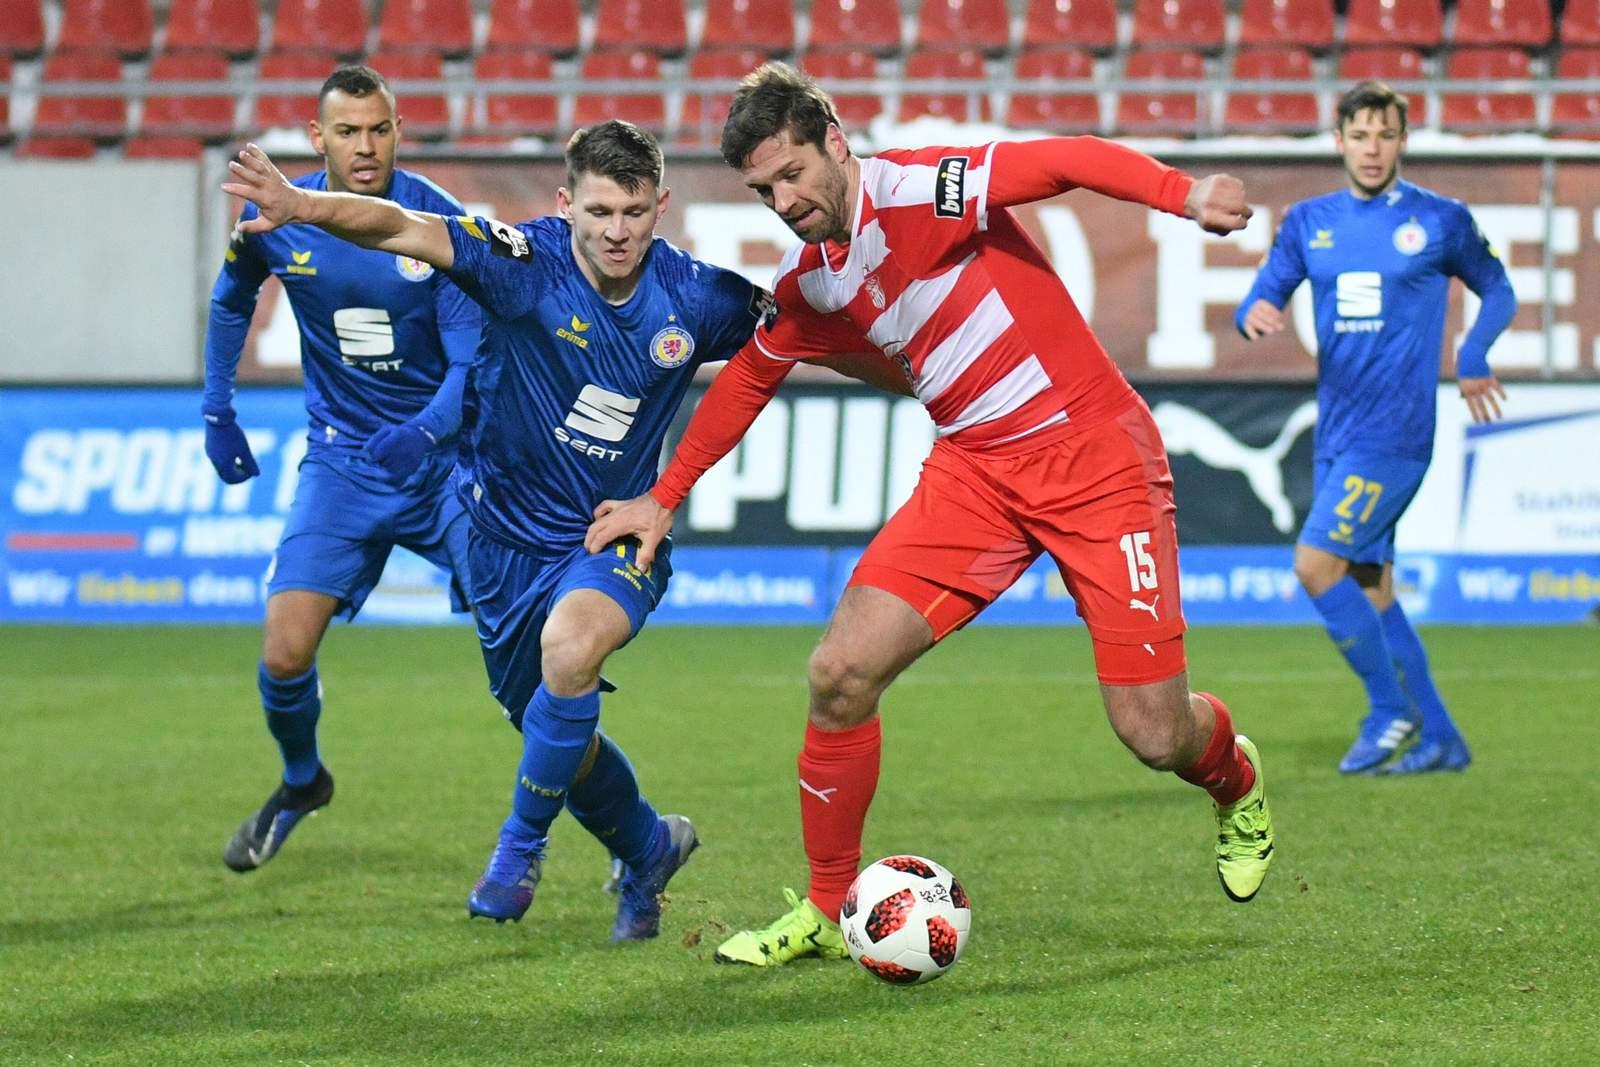 Ronny König vom FSV Zwickau gegen Robin BEcker von Eintracht Braunschweig